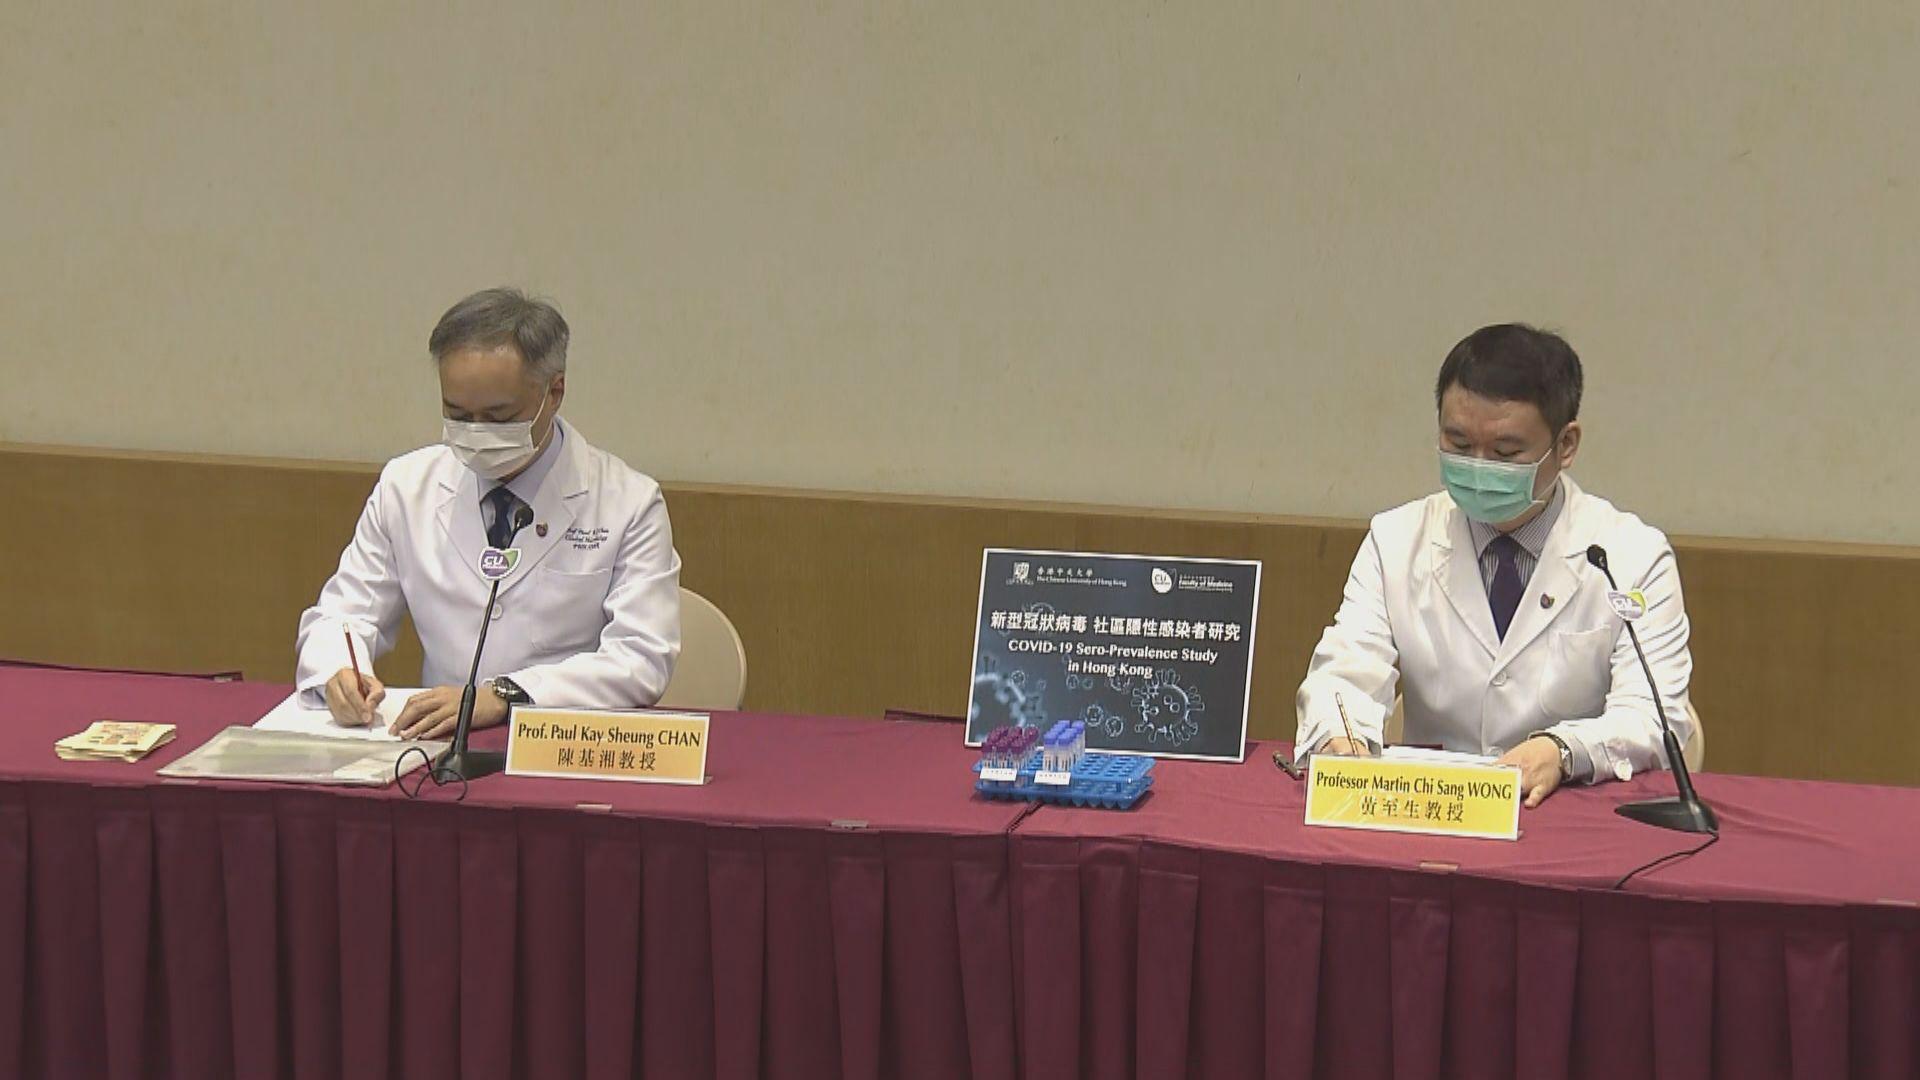 中大醫學院招募三千人研究新冠病毒隱性感染